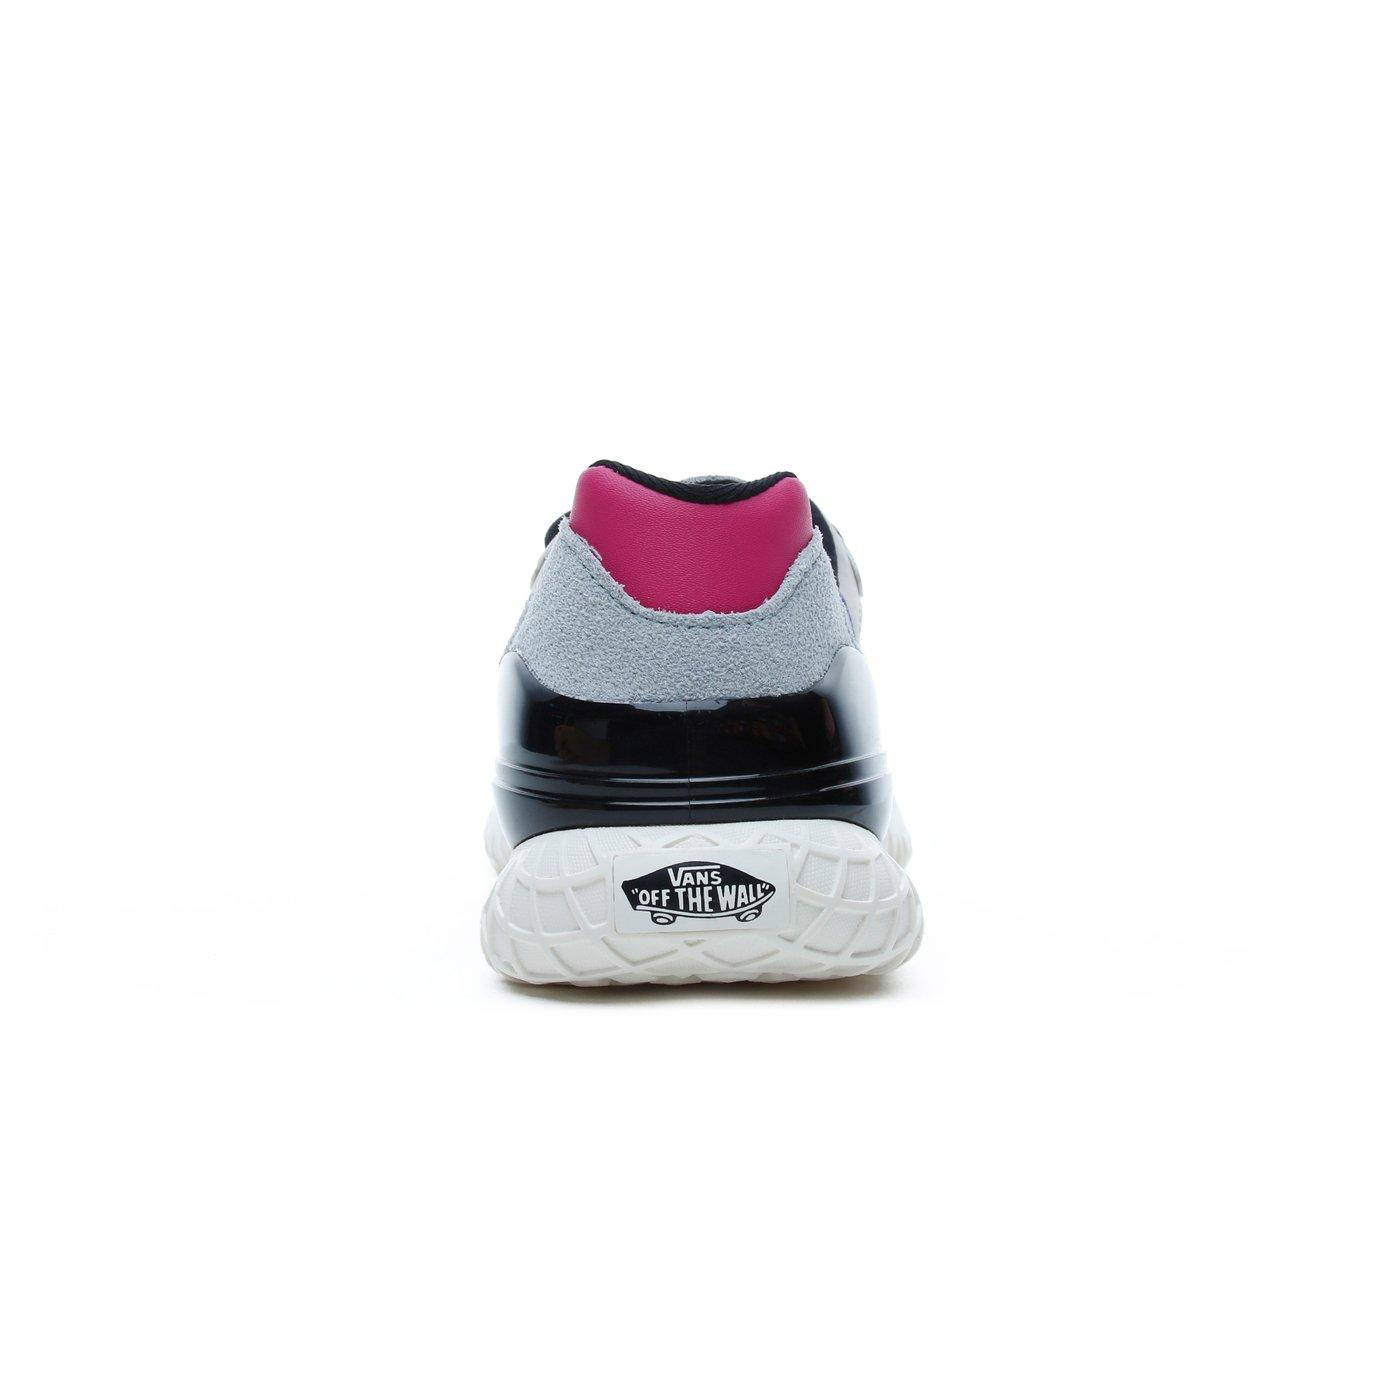 Vans Multi City Trl Kadın Renkli Spor Ayakkabı